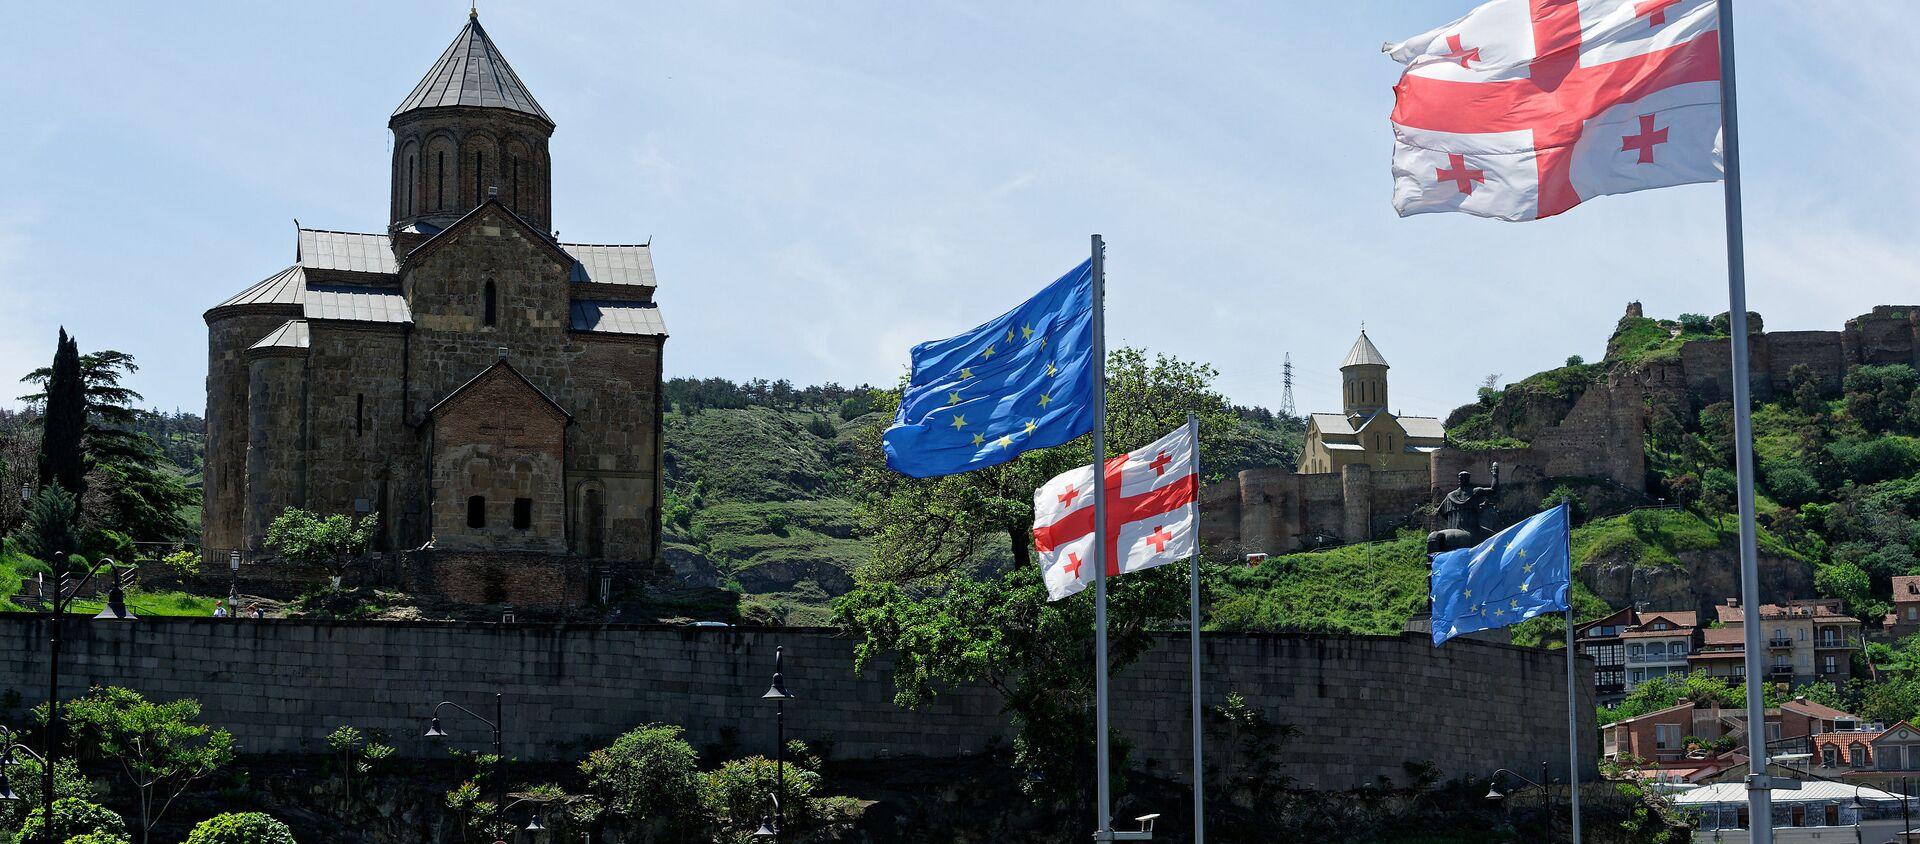 Вид на город Тбилиси - Метехская церковь и площадь Европы, флаги ЕС и Грузии - Sputnik Грузия, 1920, 26.05.2021